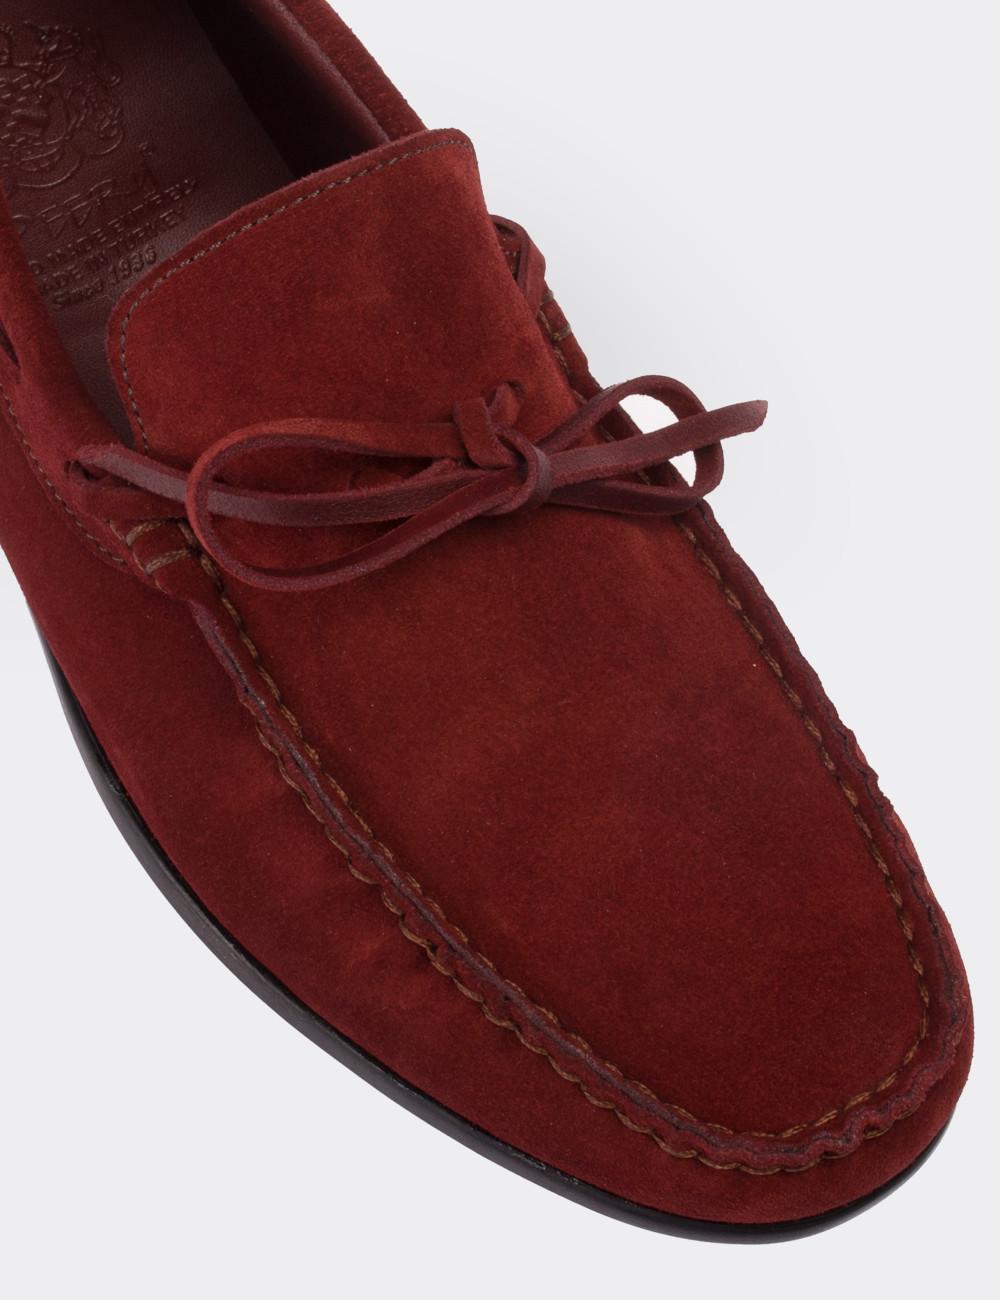 Hakiki Süet Bordo Loafer Erkek Ayakkabı - 01647MBRDC01